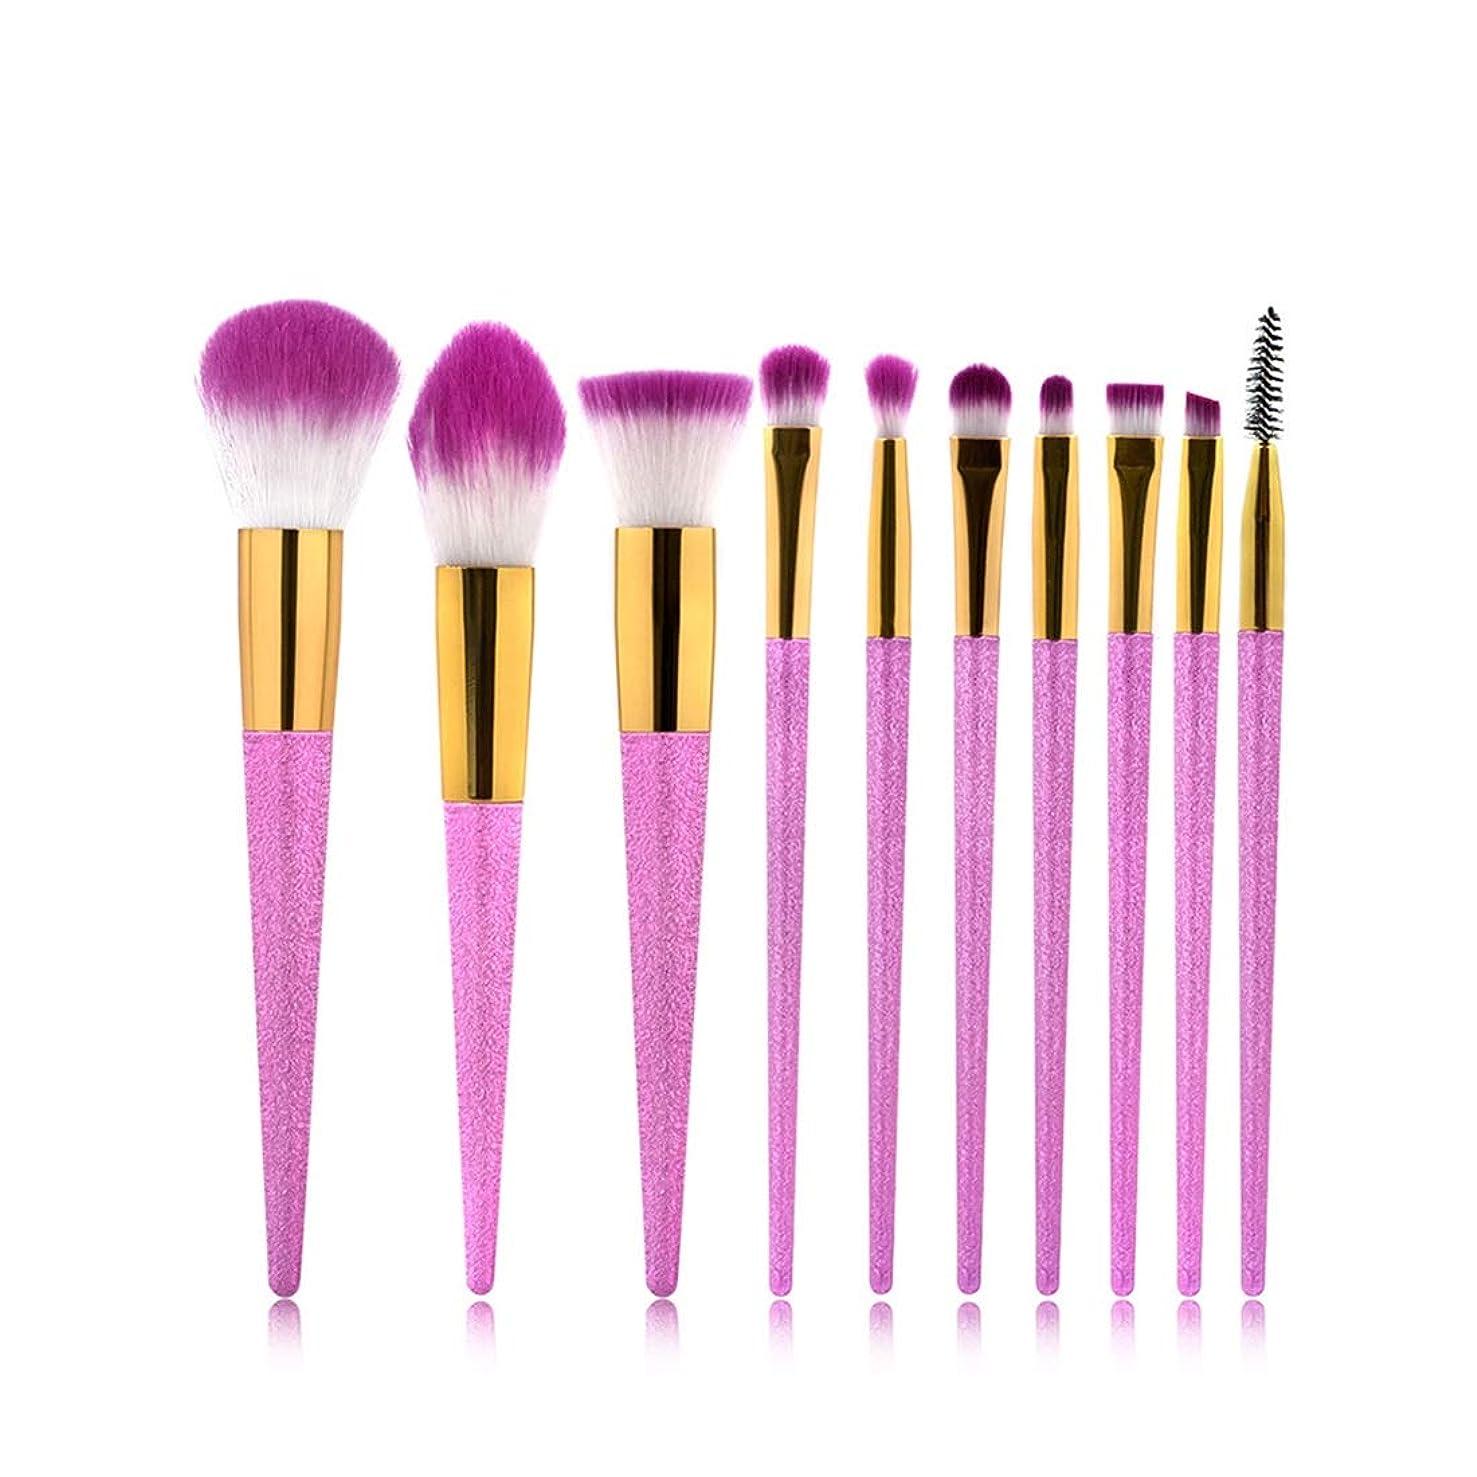 誓うカーフはちみつKeriya Sende 1の化粧筆セット用具の洗面用品のキット繊維の化粧品のアイシャドウブラシ10